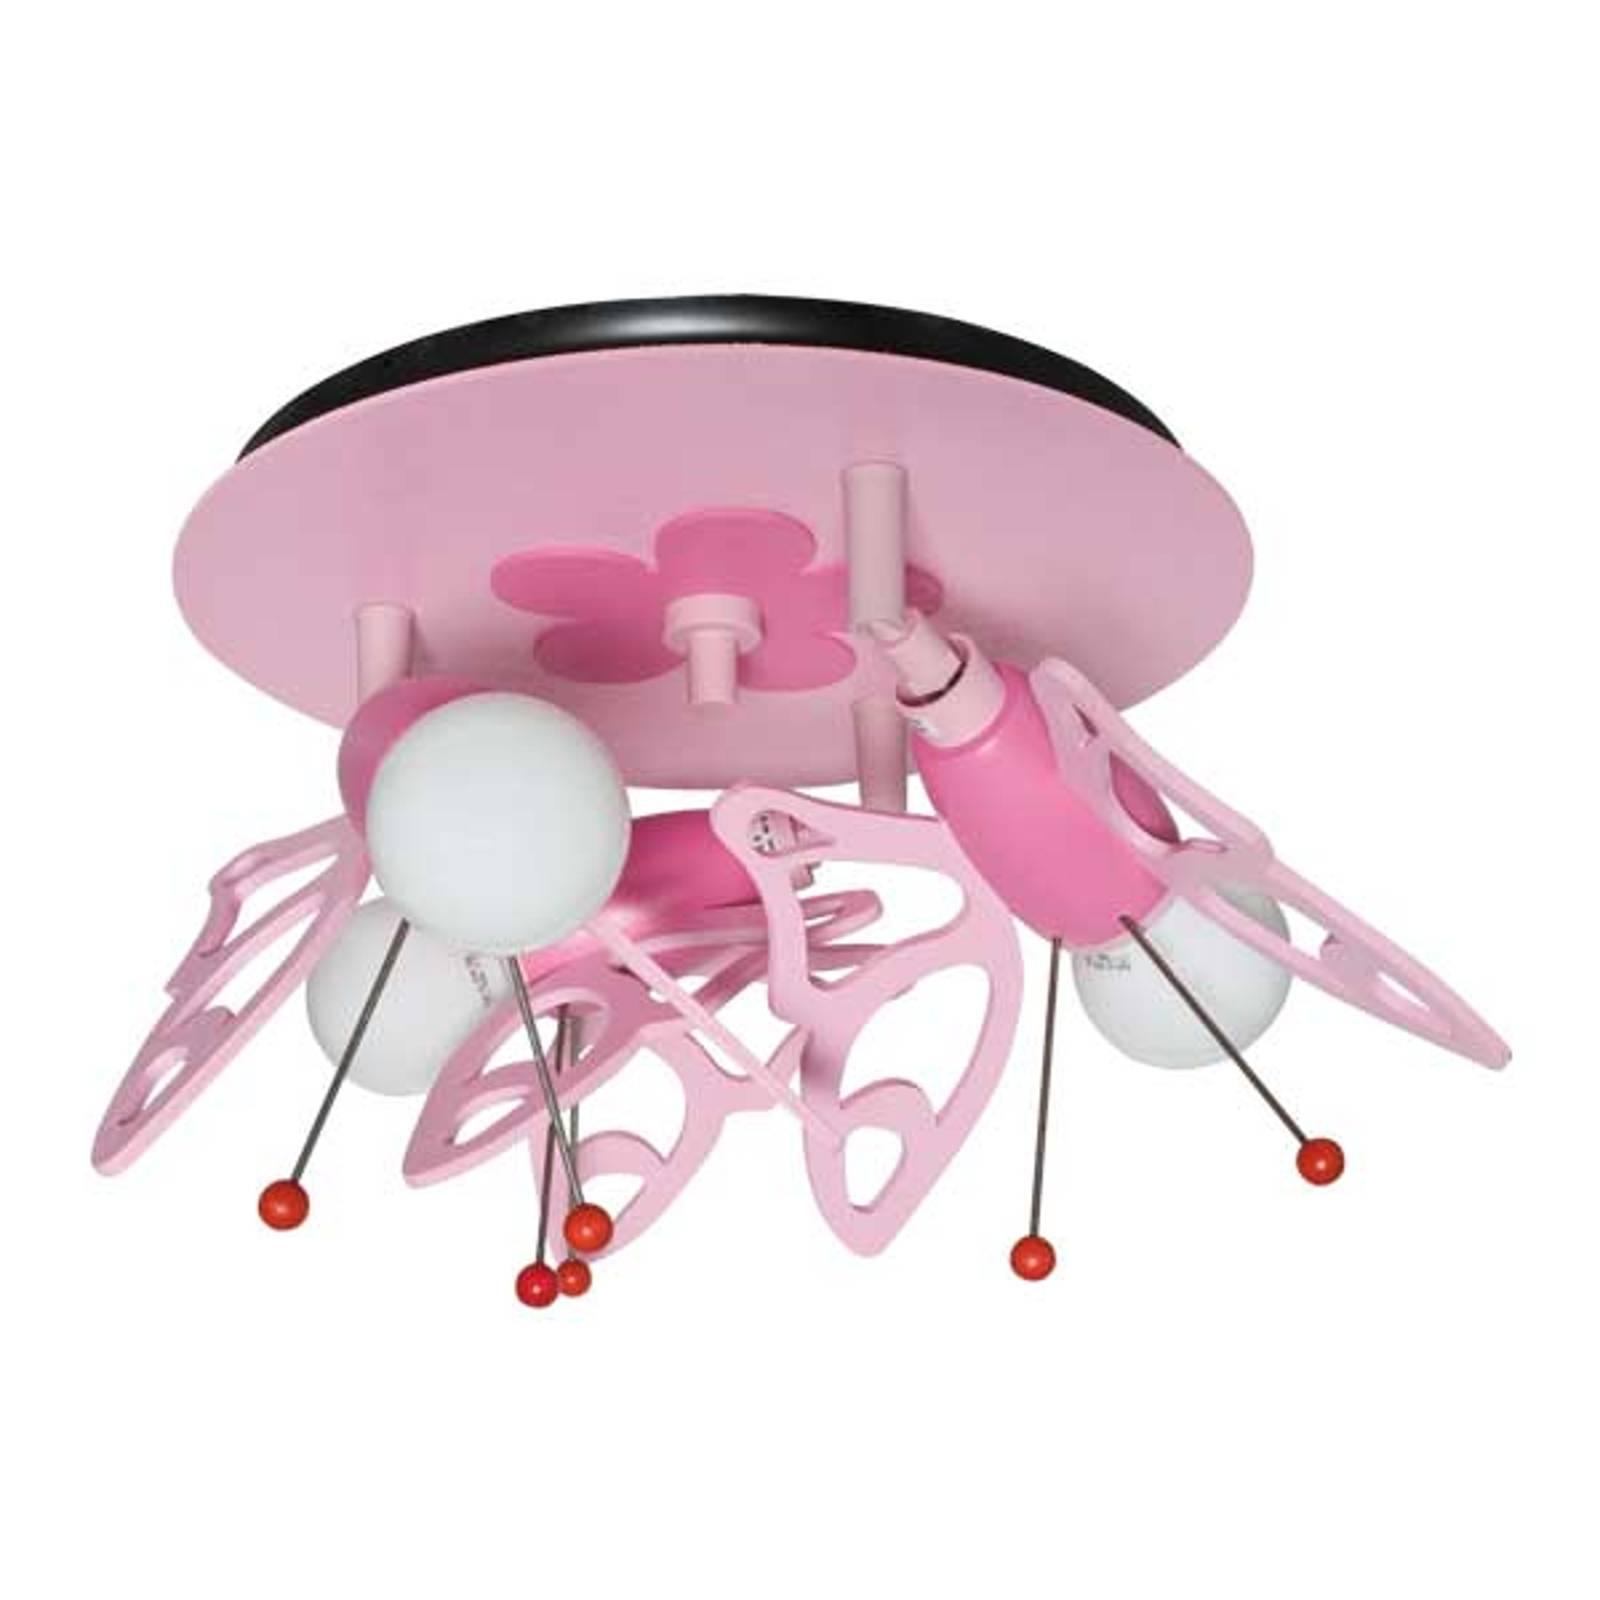 Plafondlamp Vlinder voor kinderkamer, 3-lamps